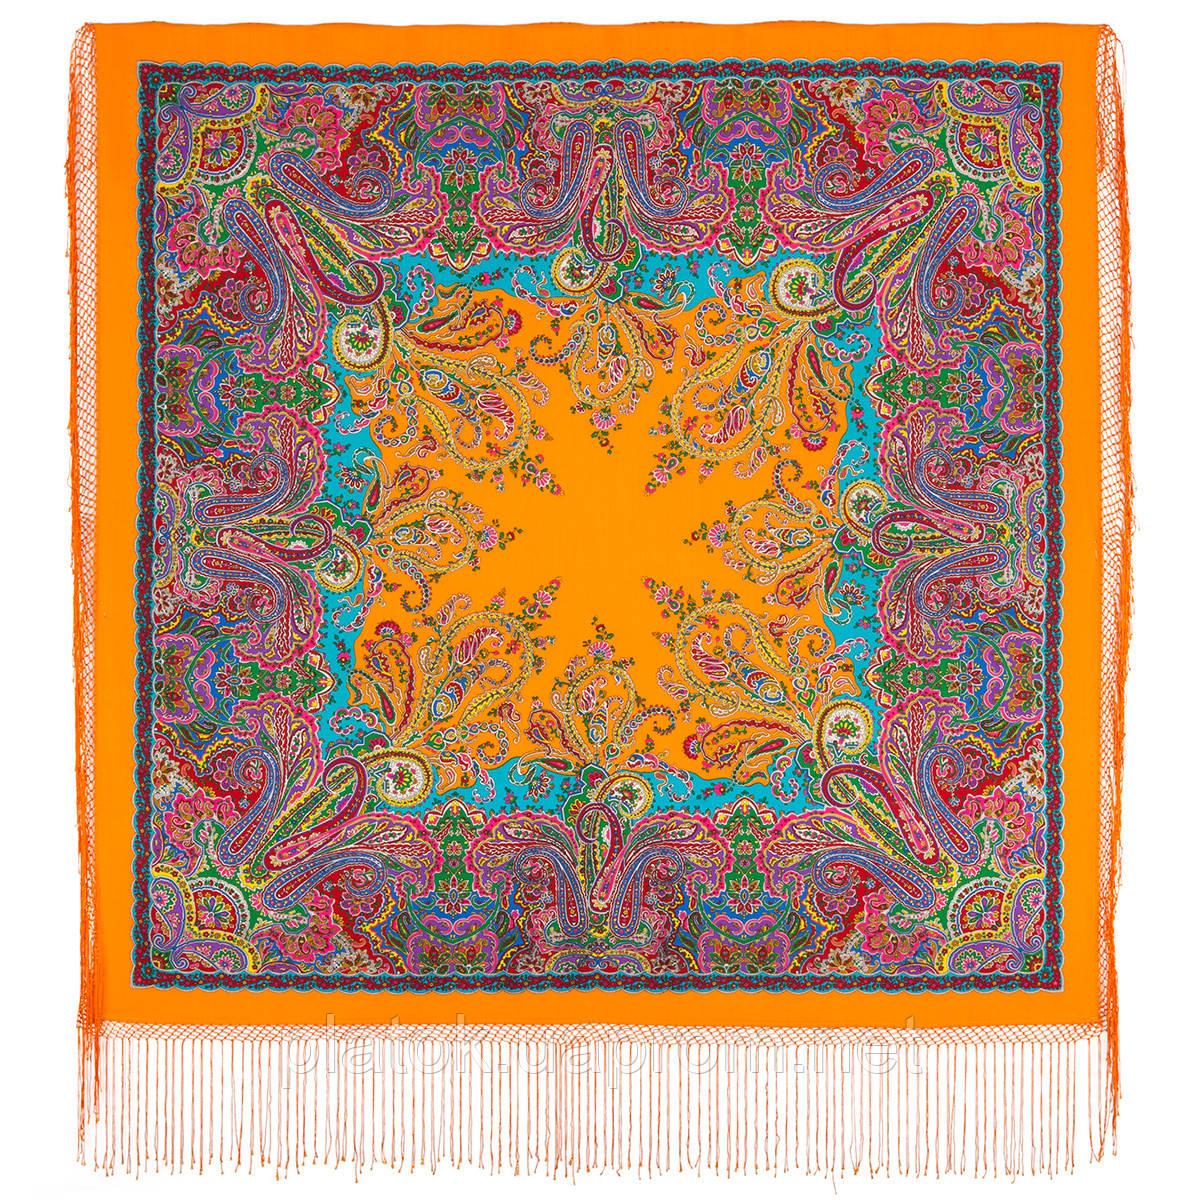 Караван 970-2, павлопосадский платок (шаль) из уплотненной шерсти с шелковой вязанной бахромой